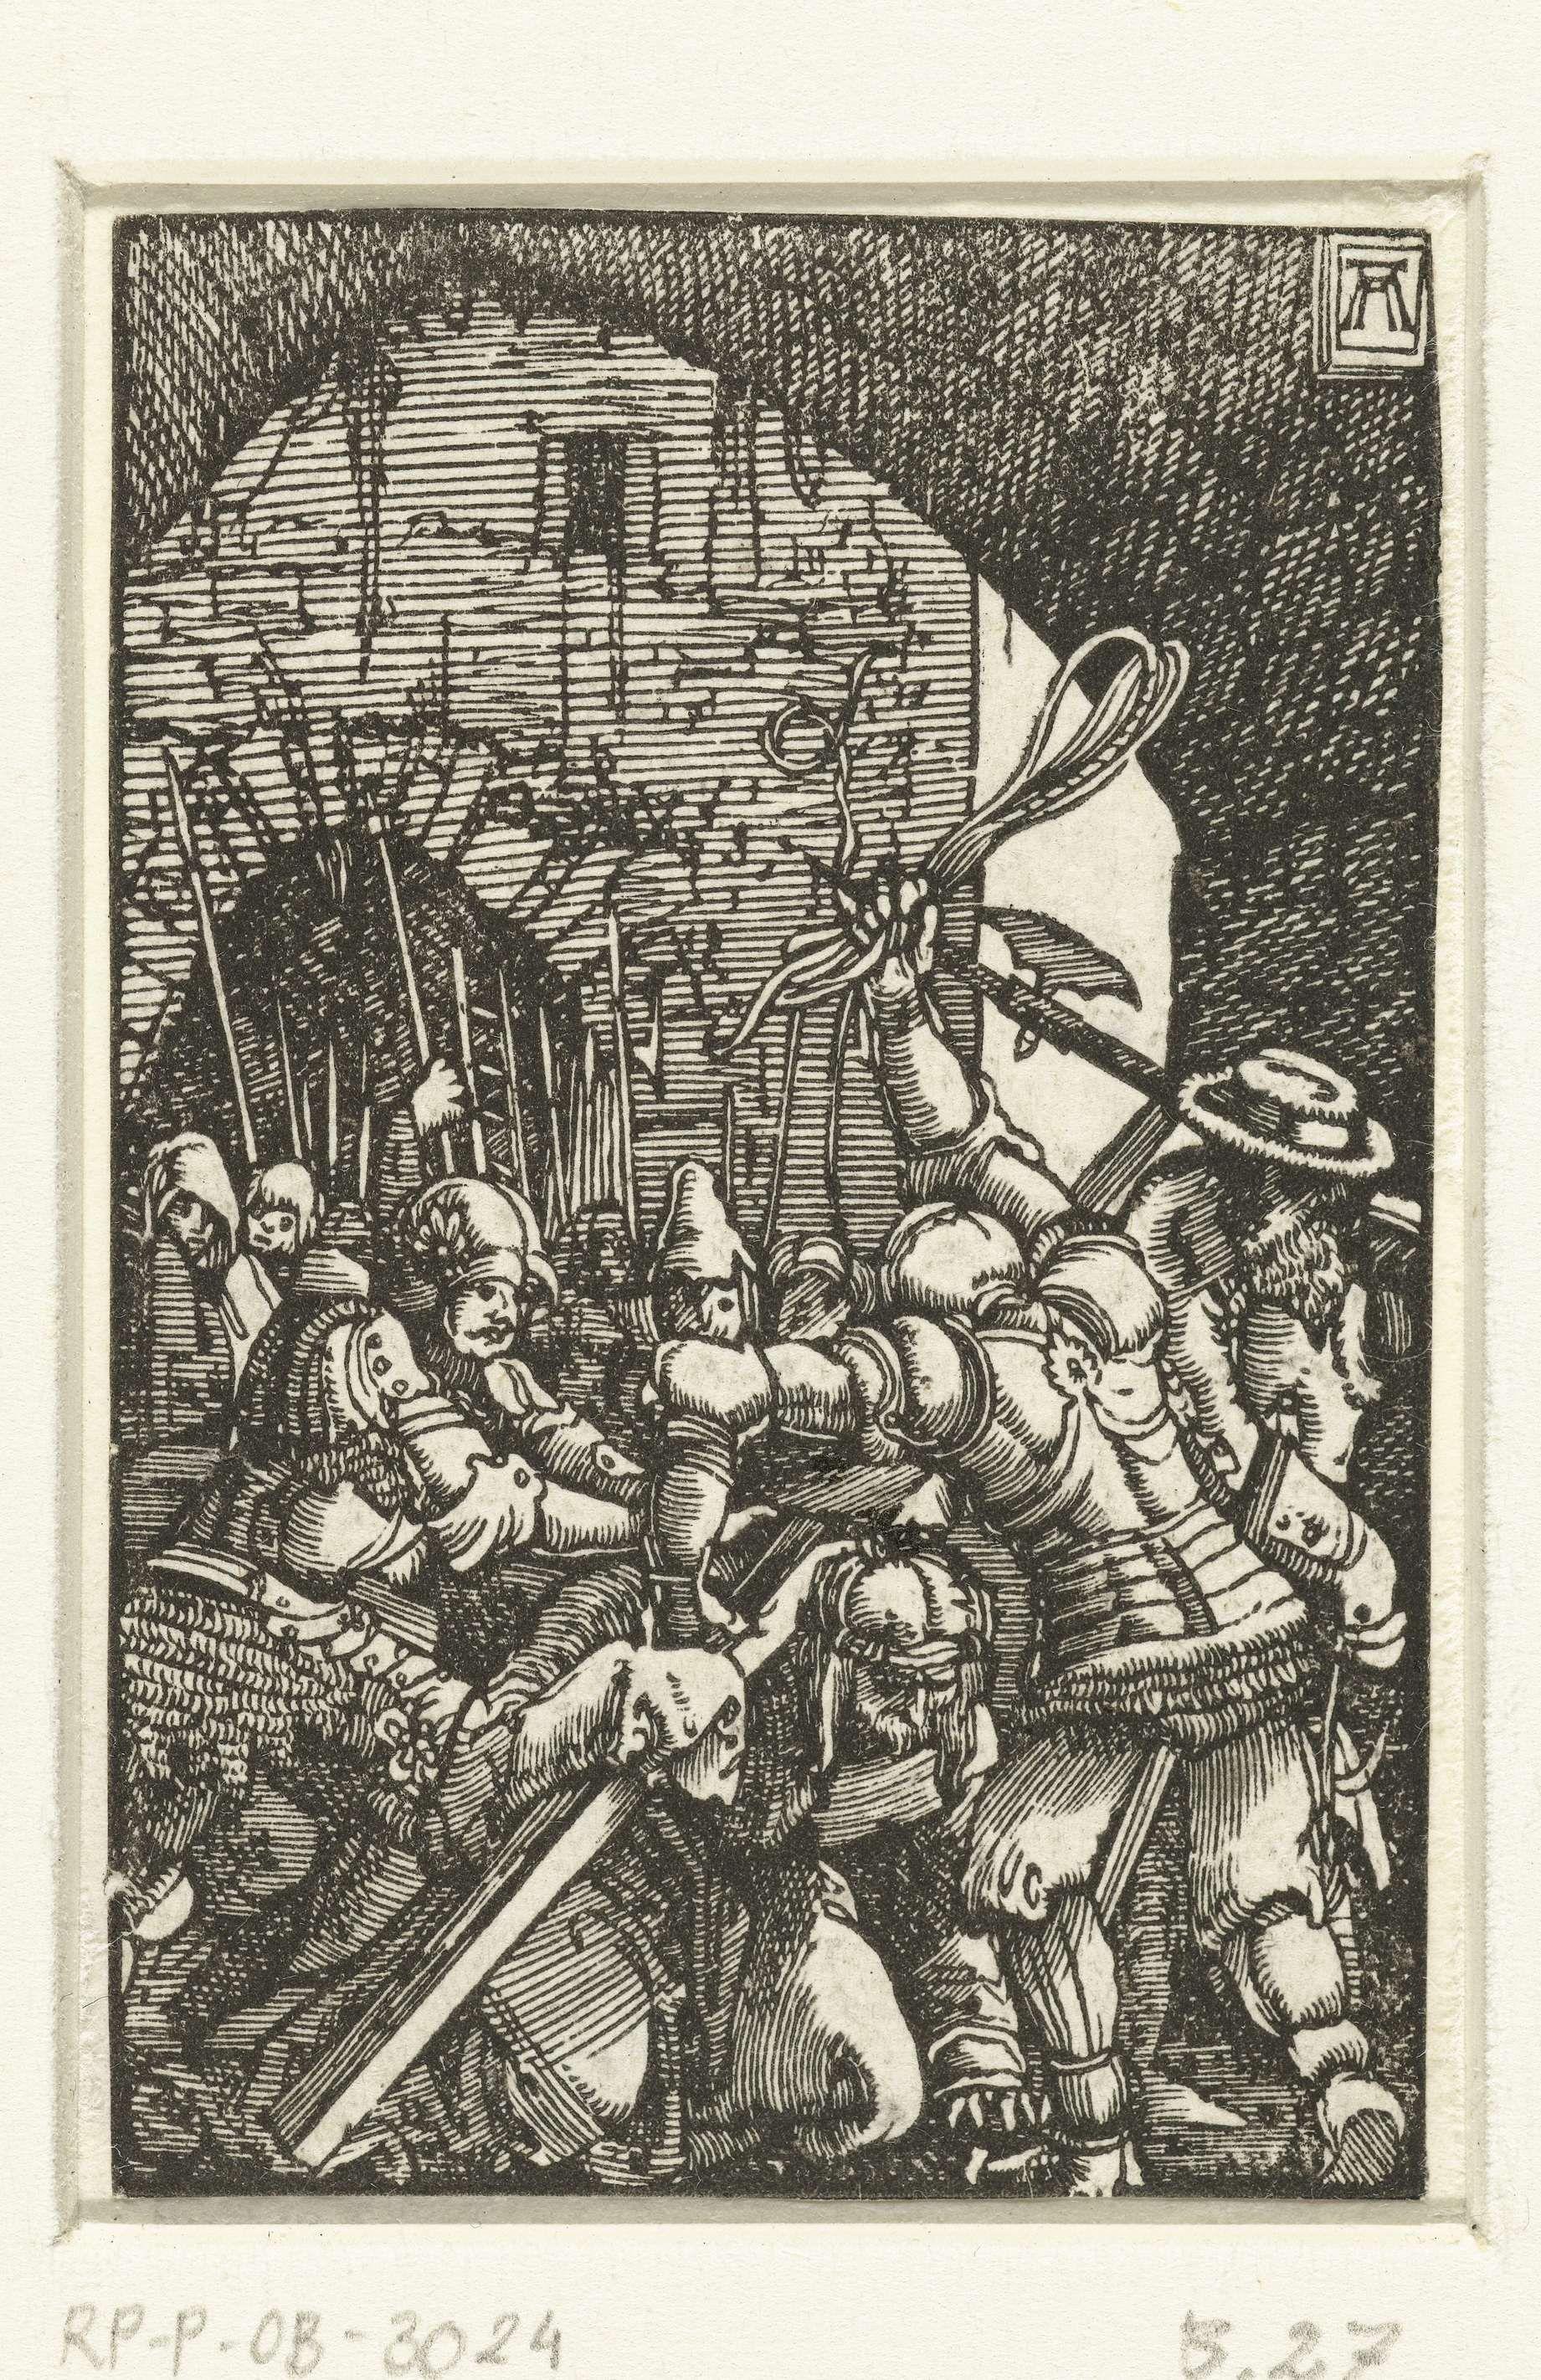 Albrecht Altdorfer   Kruisdraging, Albrecht Altdorfer, c. 1506 - 1538   Christus op zijn knieën, het kruis op zijn schouders dragend. Achter hem een menigte mensen, voor hem een soldaat die op het punt staat met een touw te slaan. Zevenentwintigste prent uit een serie van veertig.